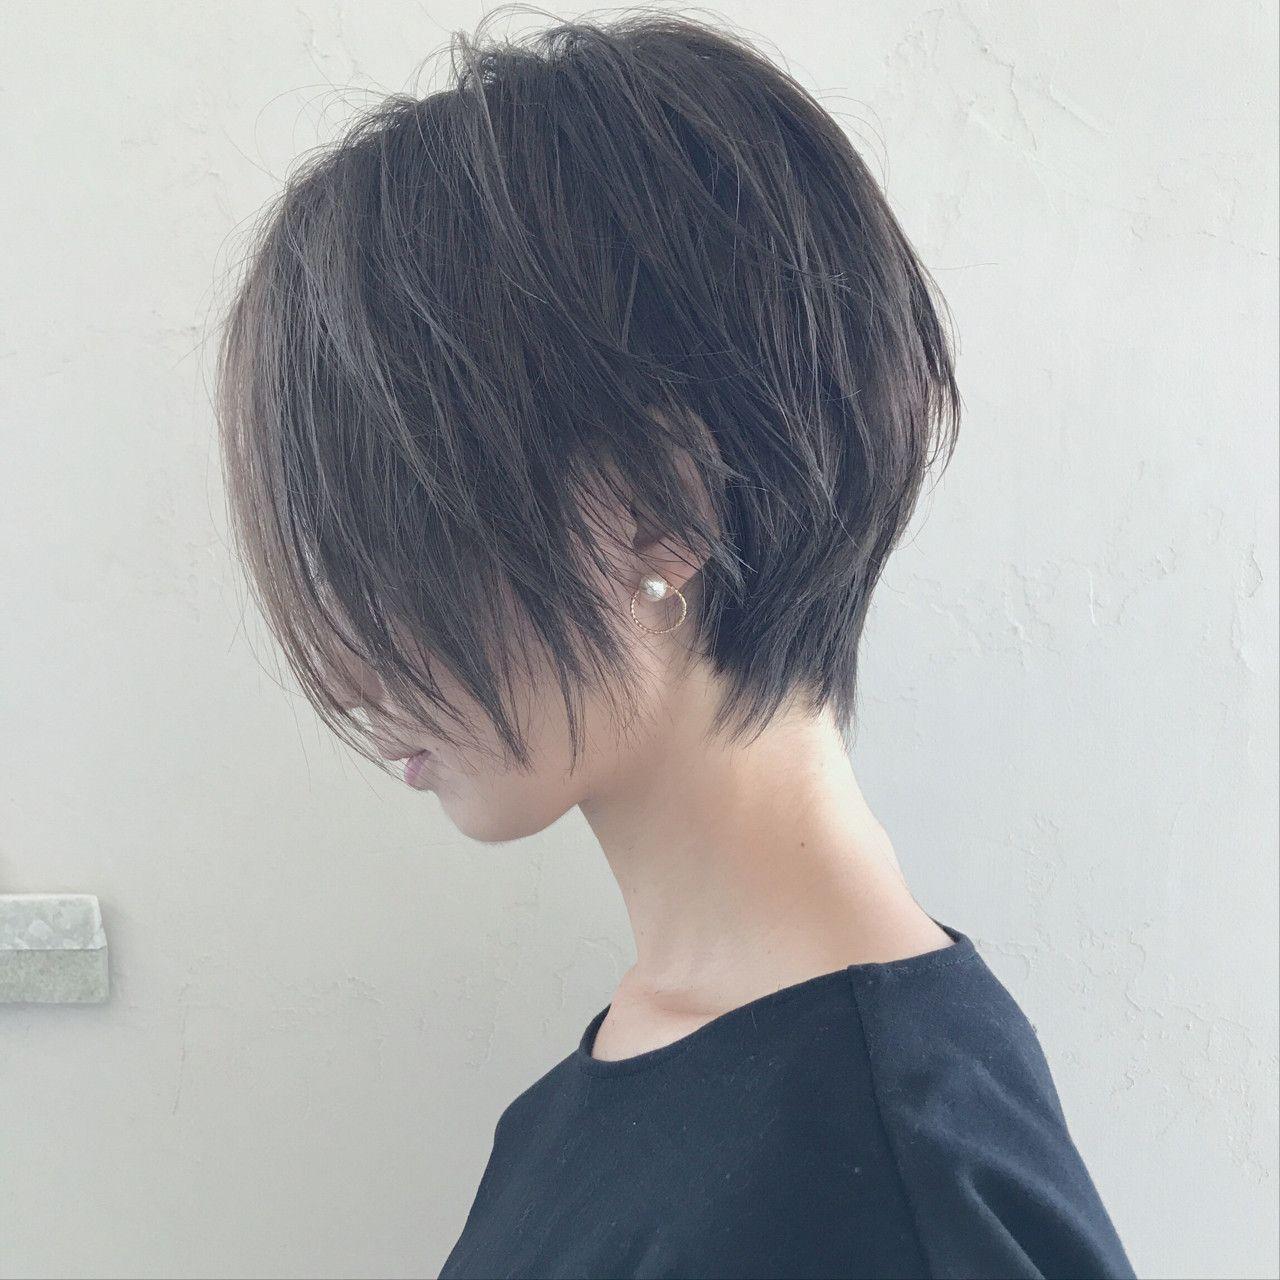 Hair ヘアー はスタイリスト モデルが発信するヘアスタイルを中心に